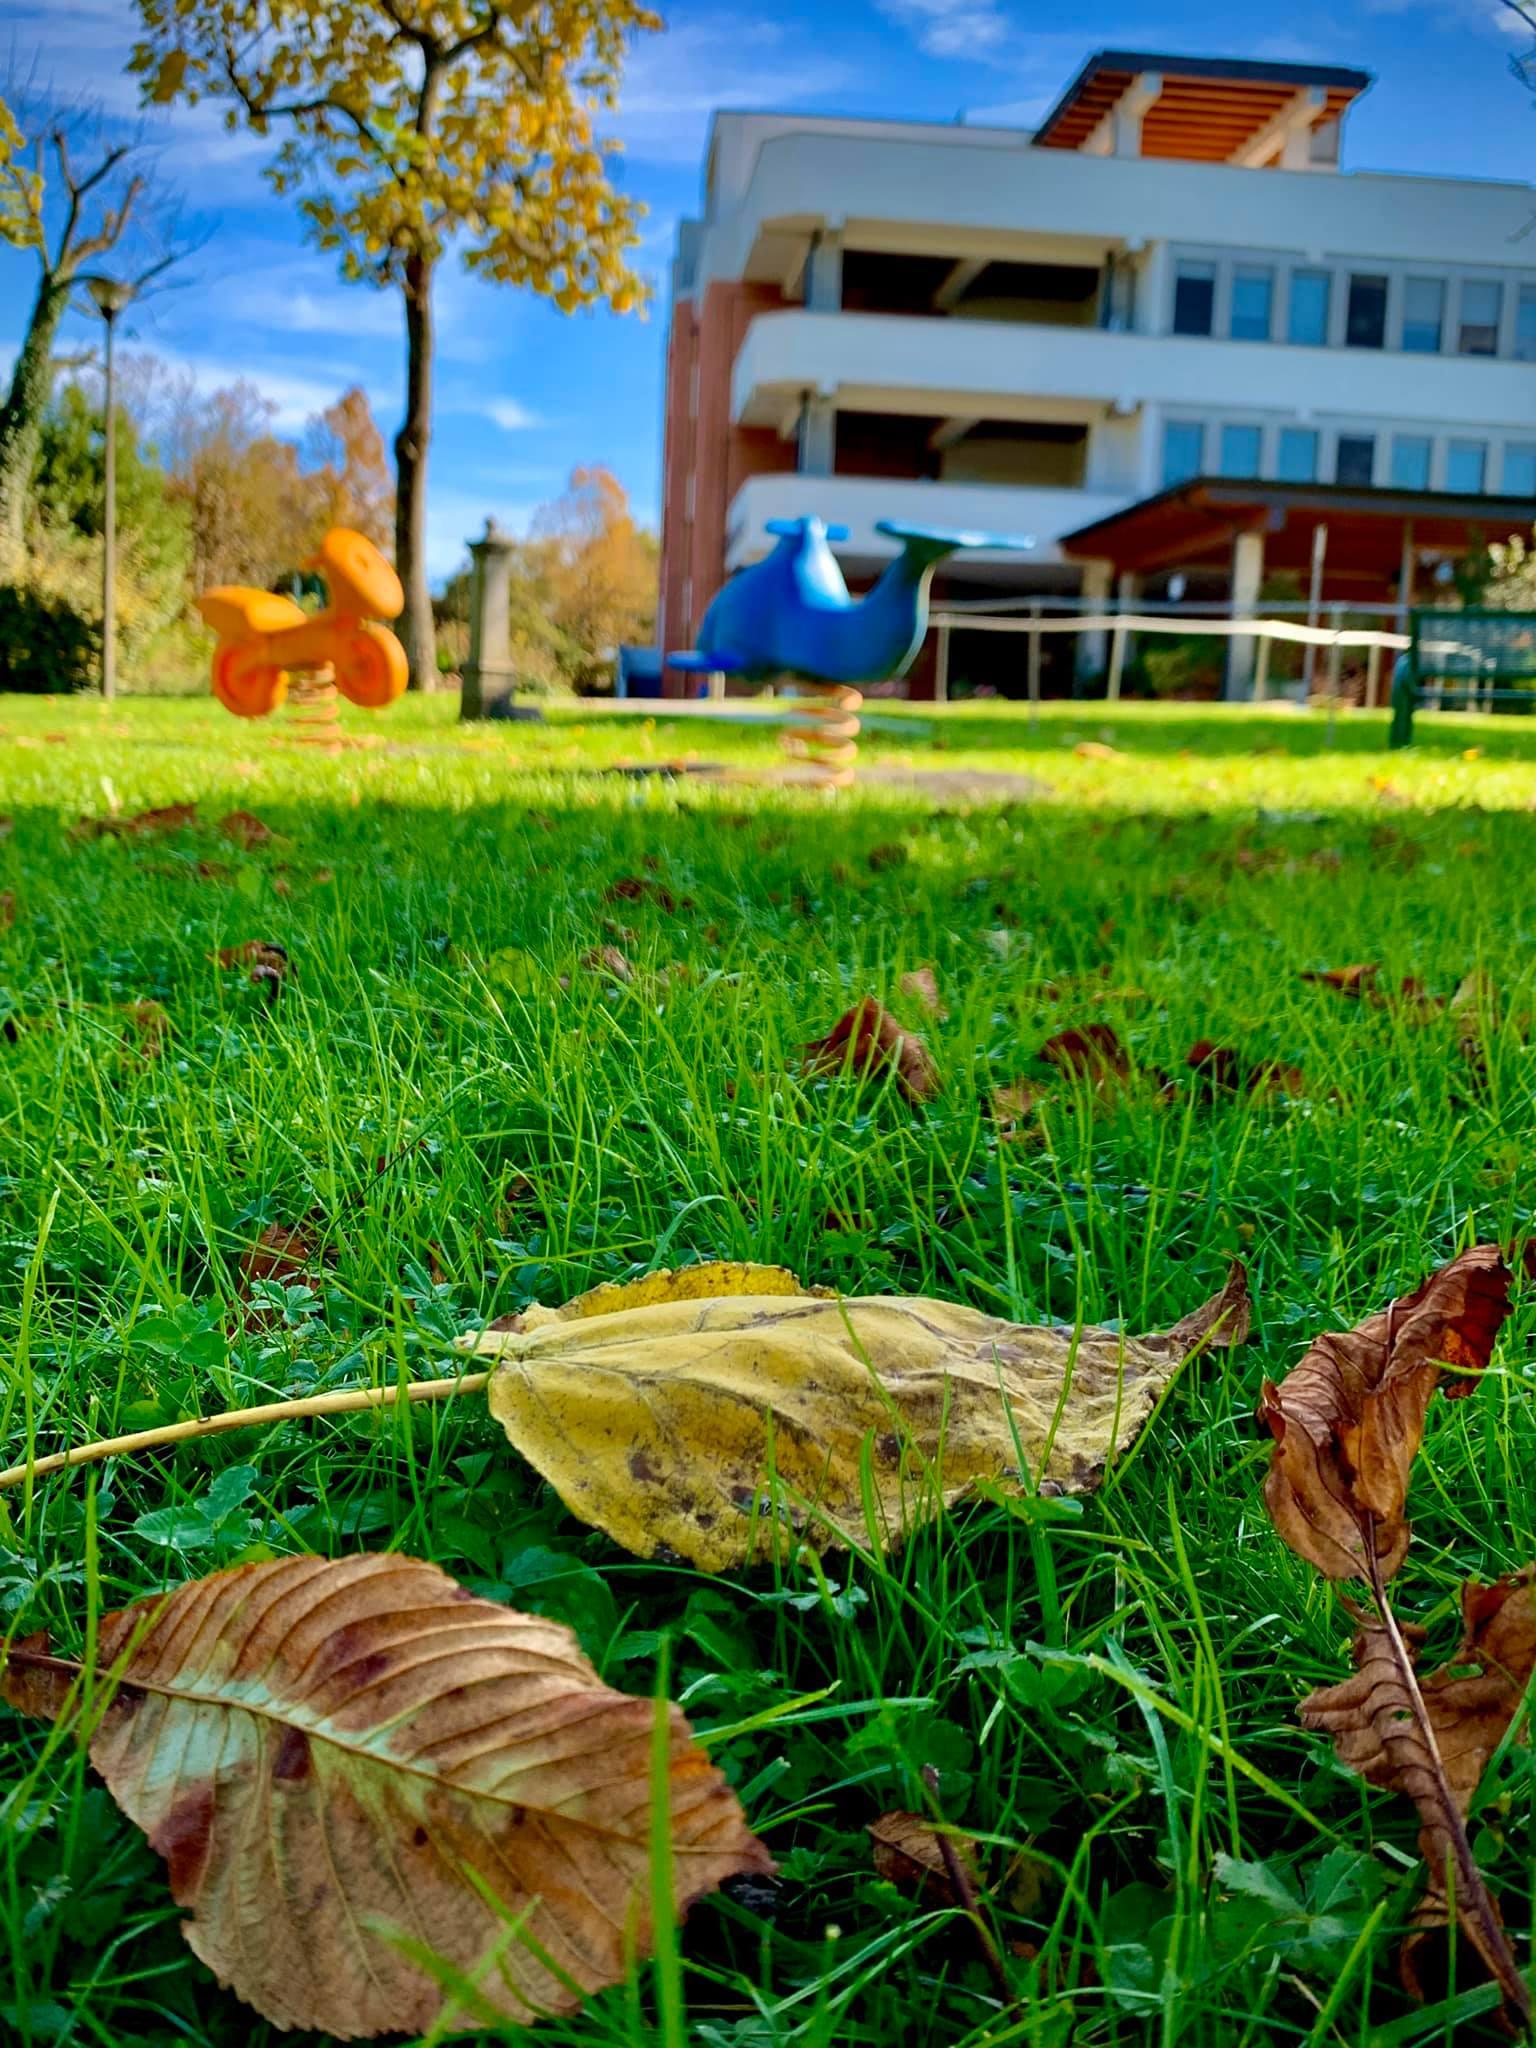 L'autunno è una seconda primavera 🍂🍁